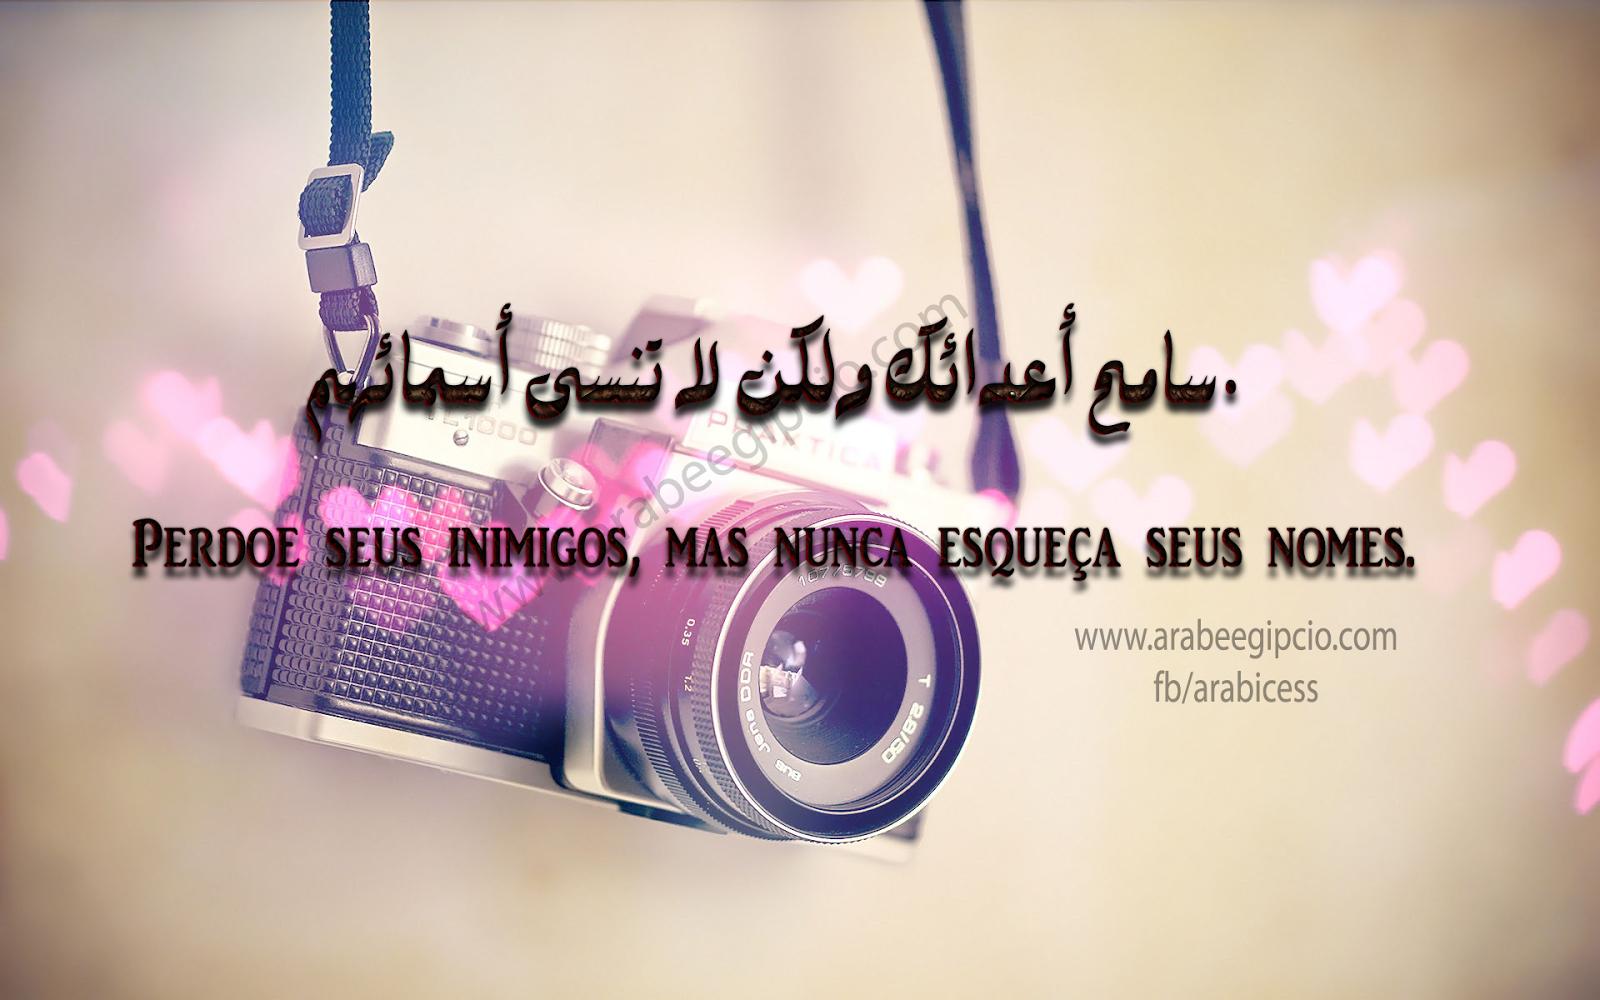 Estudos Da Língua E Cultura árabe Imagem Com Frase Em árabe E